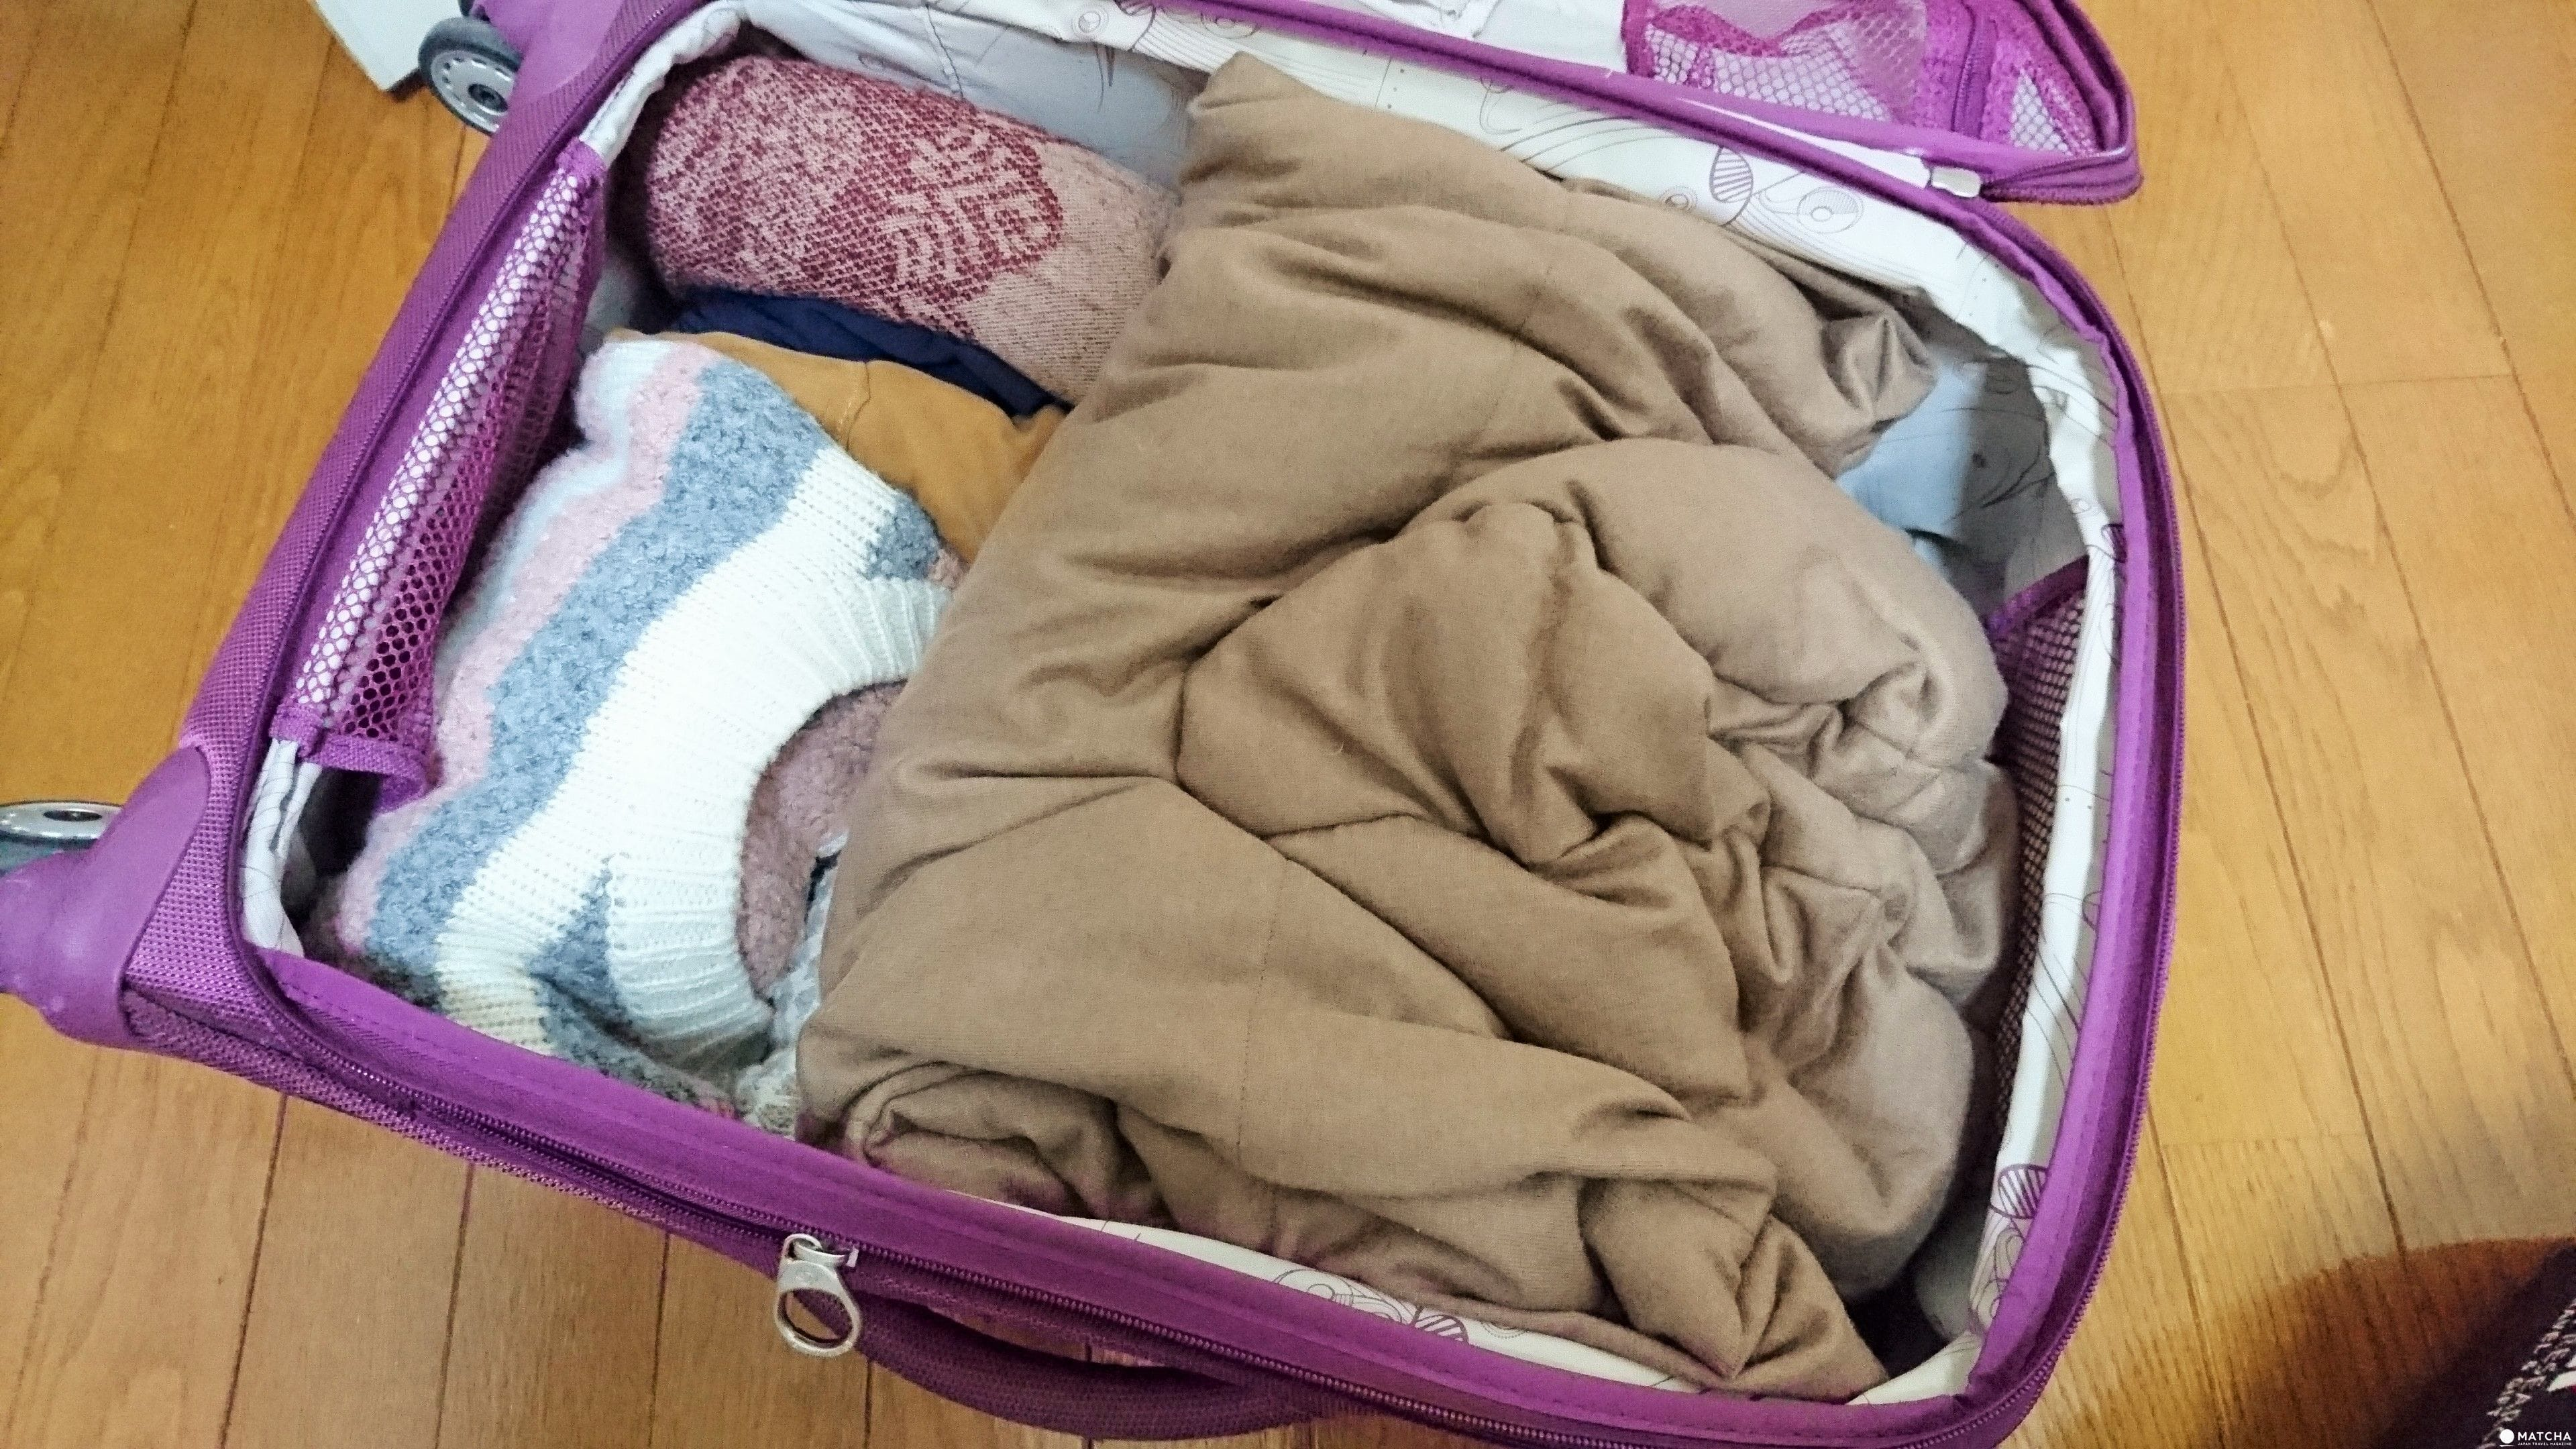 『春季』旅行收納小撇步 簡單裝箱go!